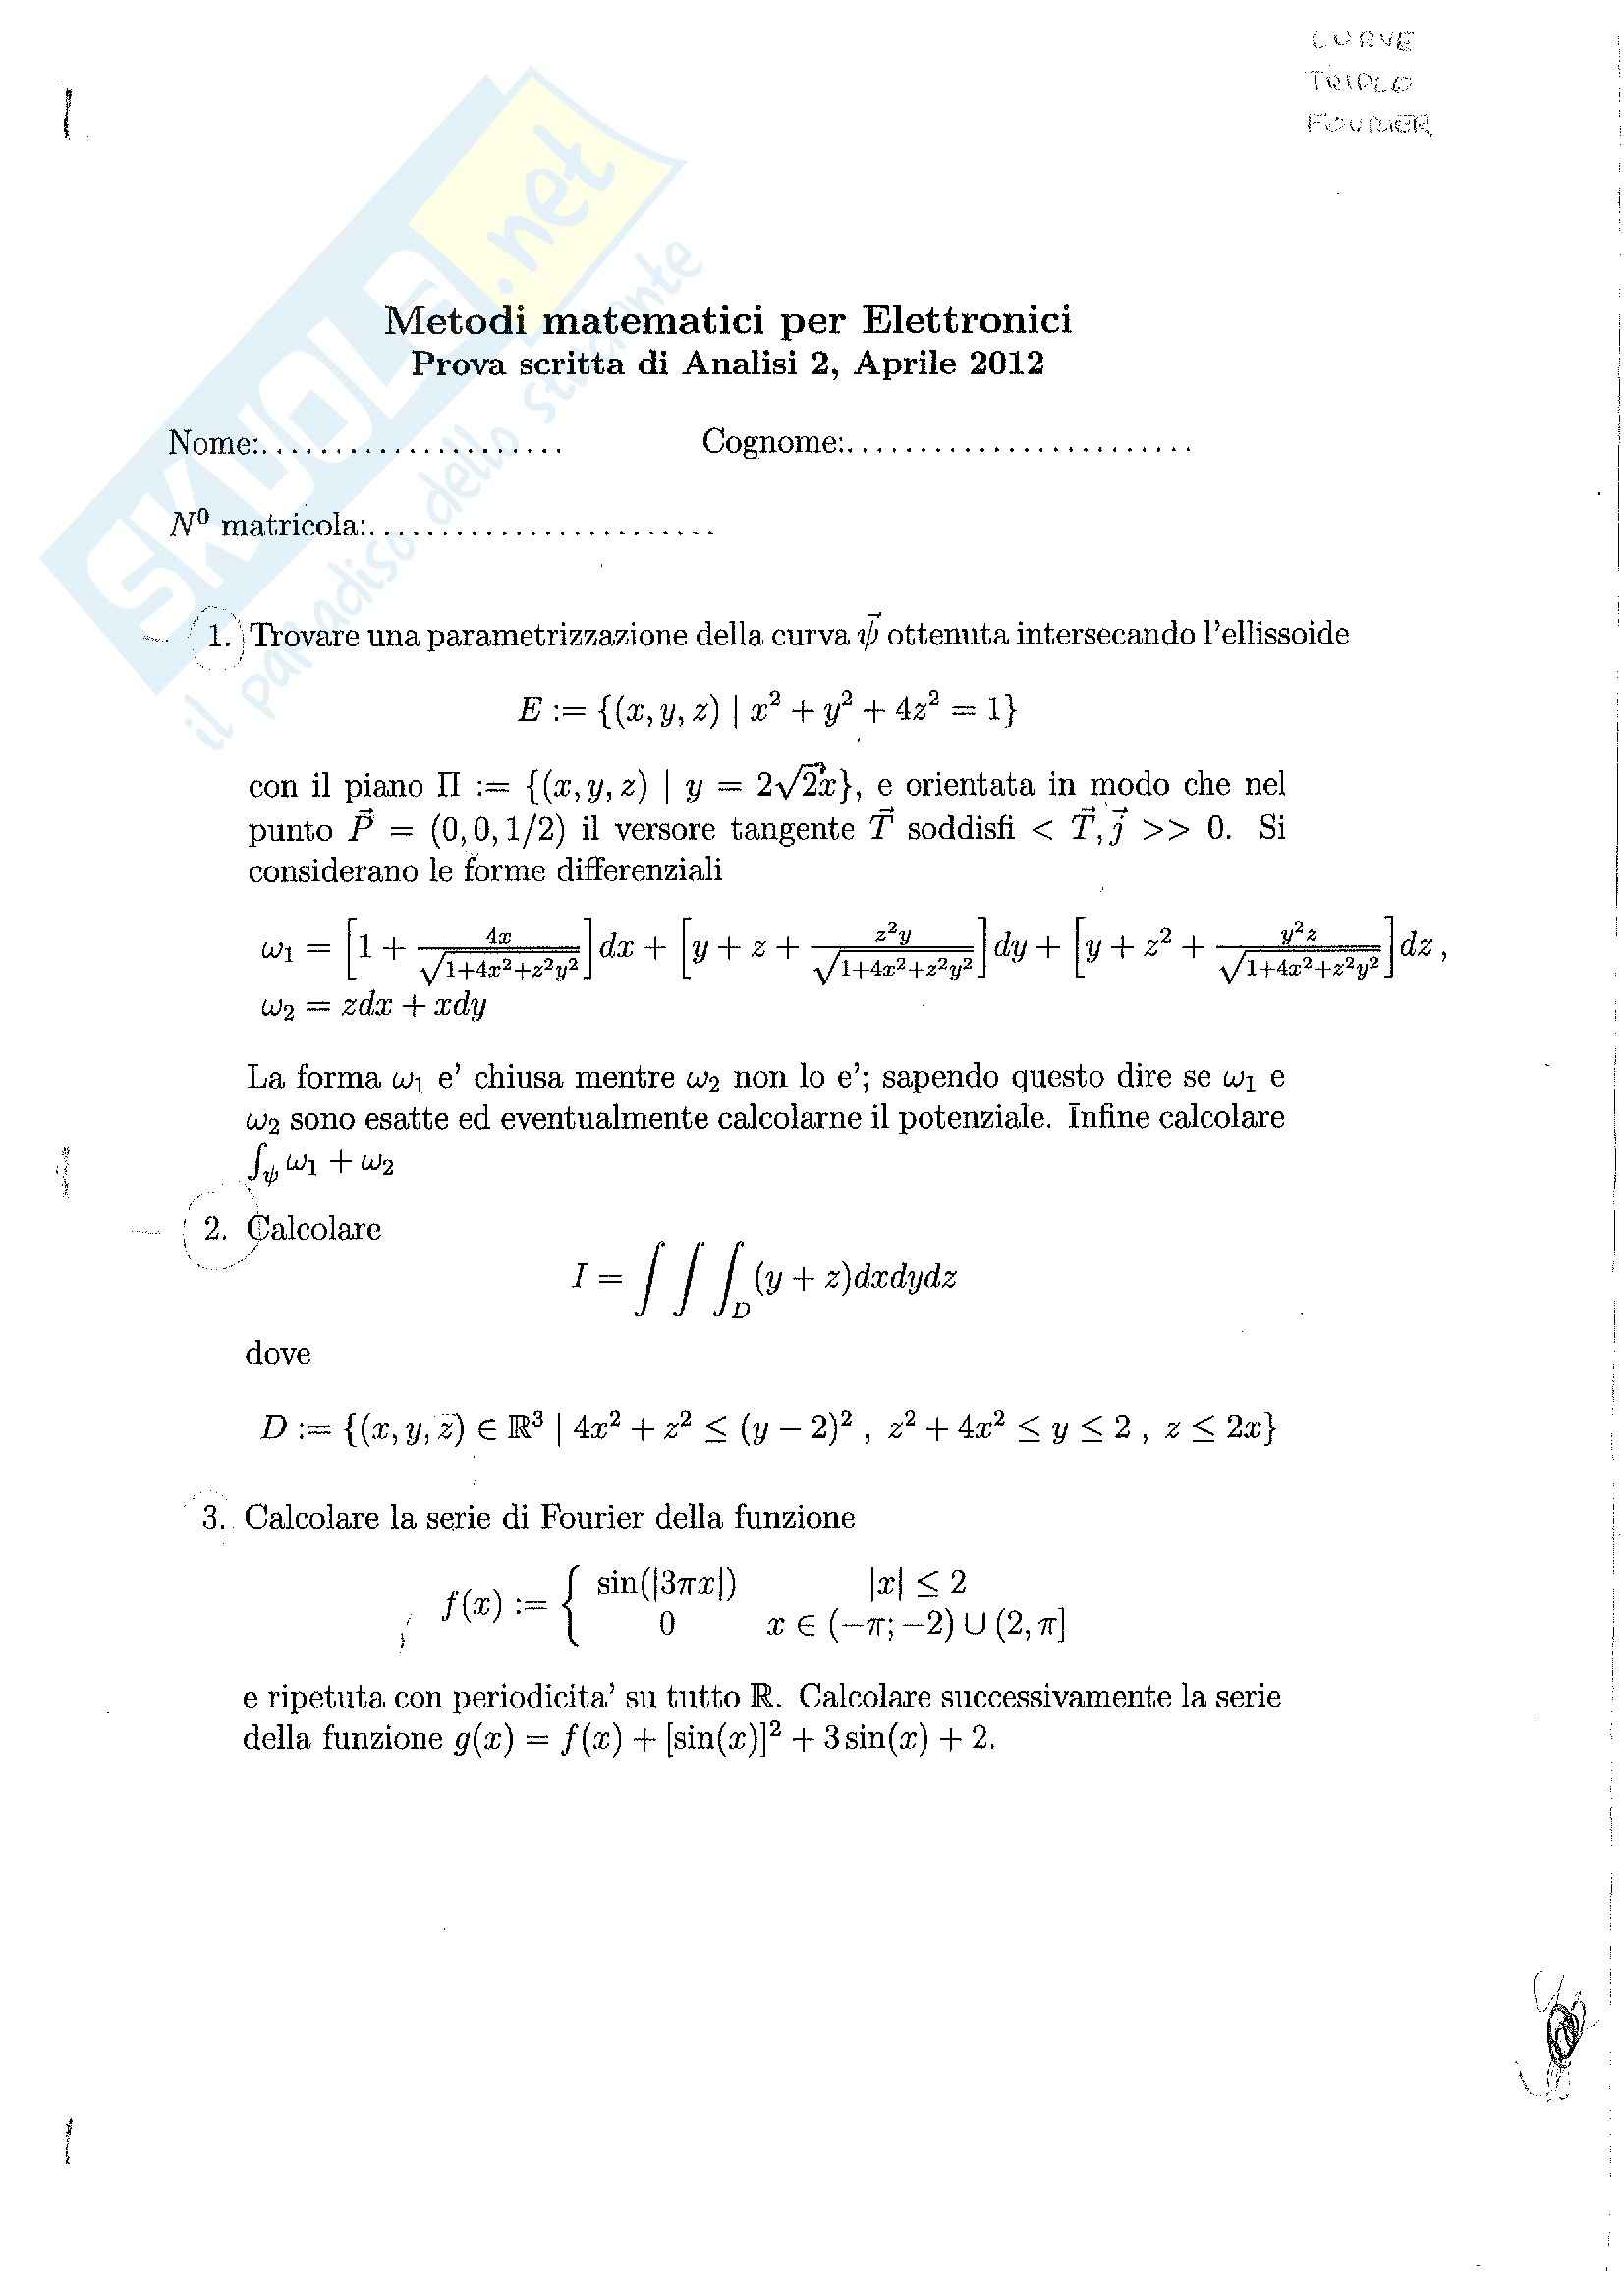 Analisi 2 - Esercizi